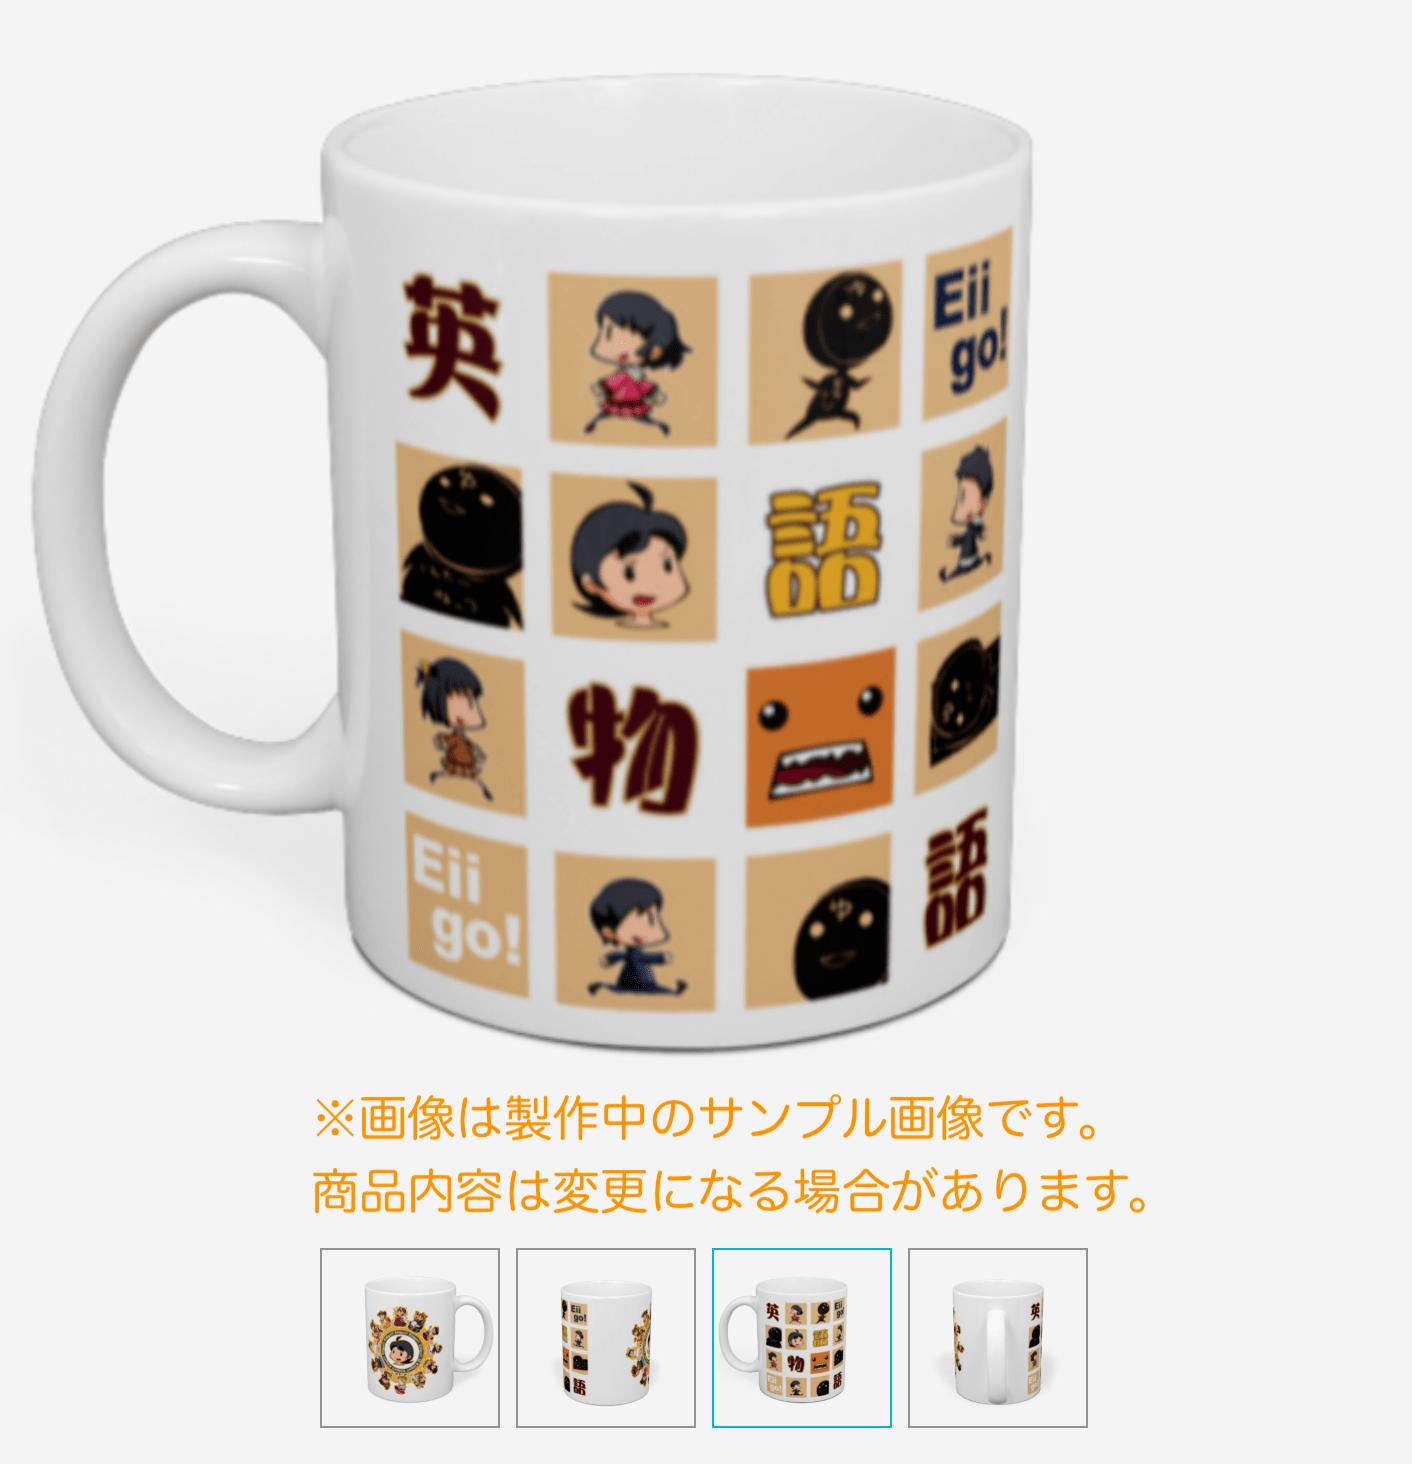 マグカップ 英語物語 グッズ